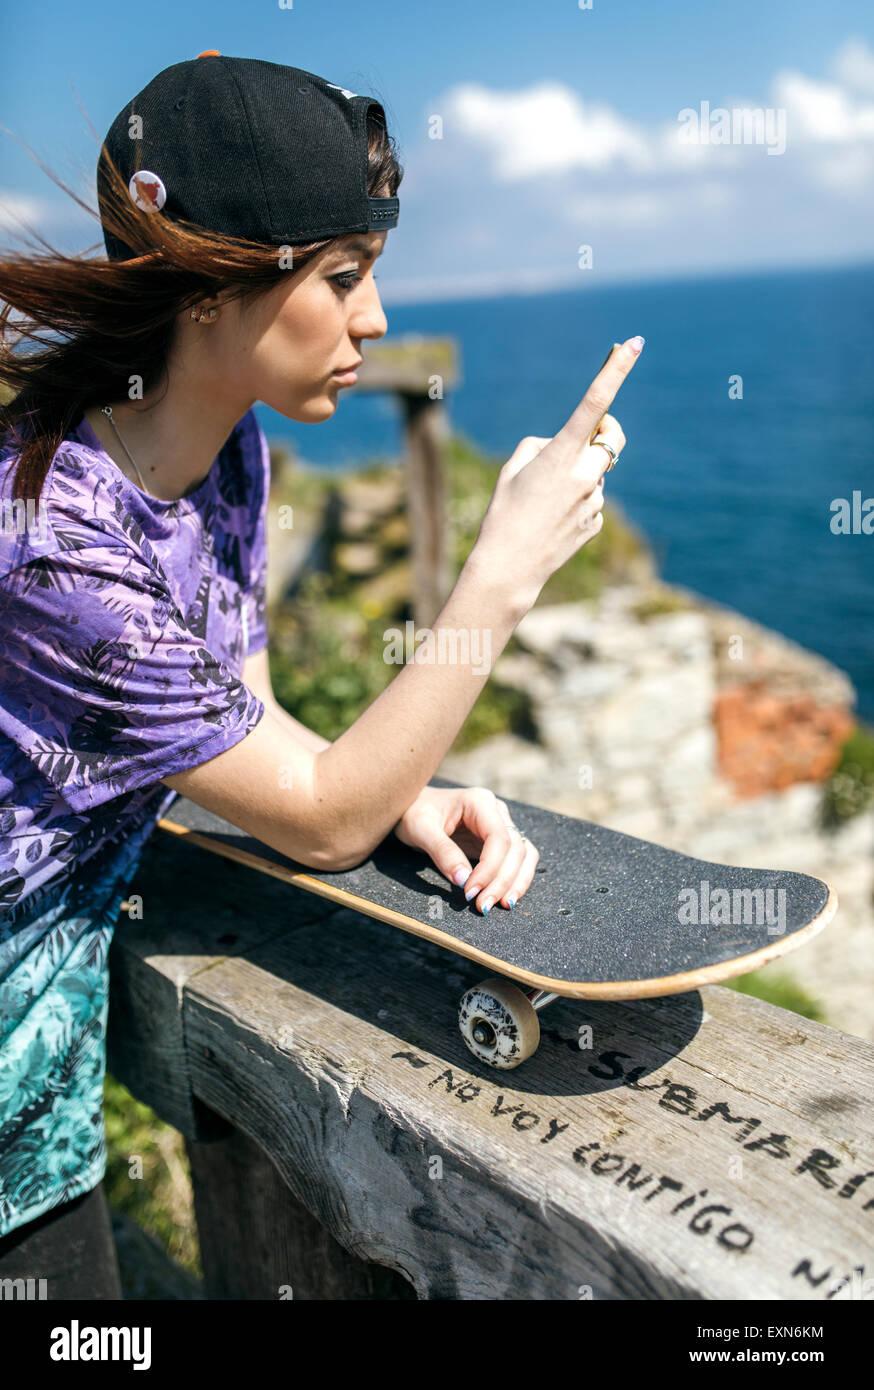 España, Gijón, hembra skate boarder leer mensaje de texto Imagen De Stock